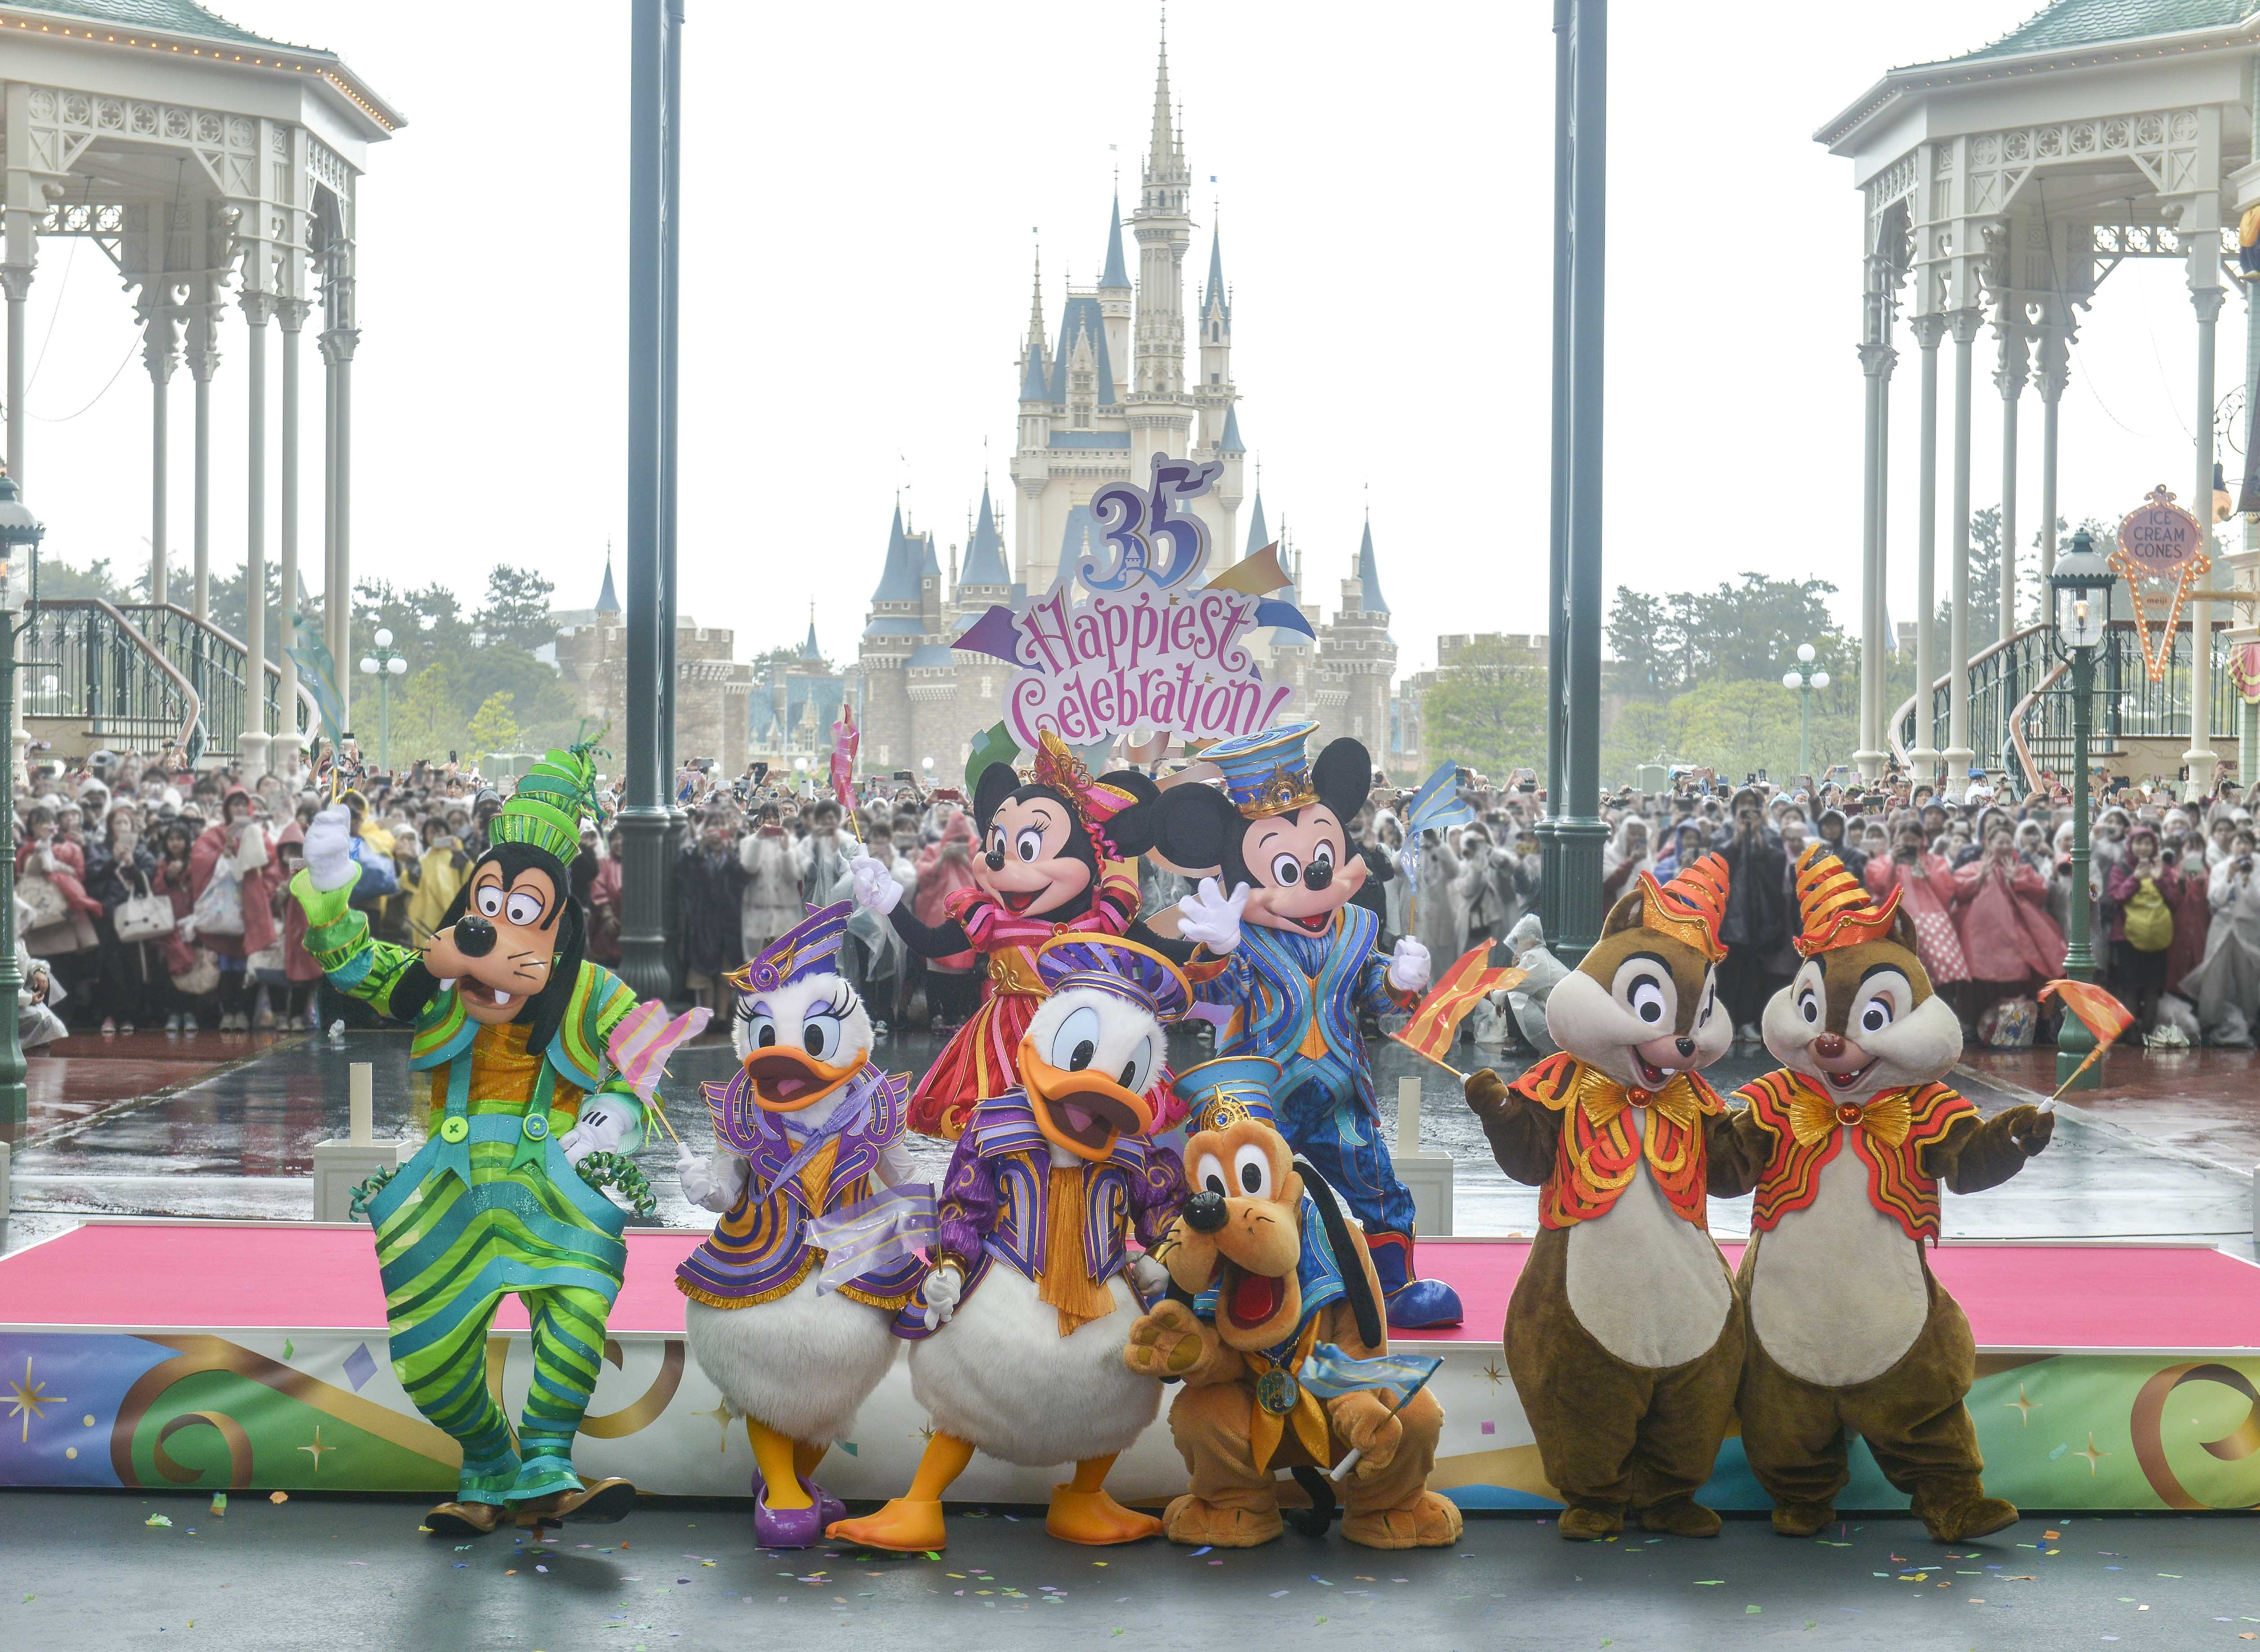 セレモニー後のディズニーの仲間たち (C)Disney